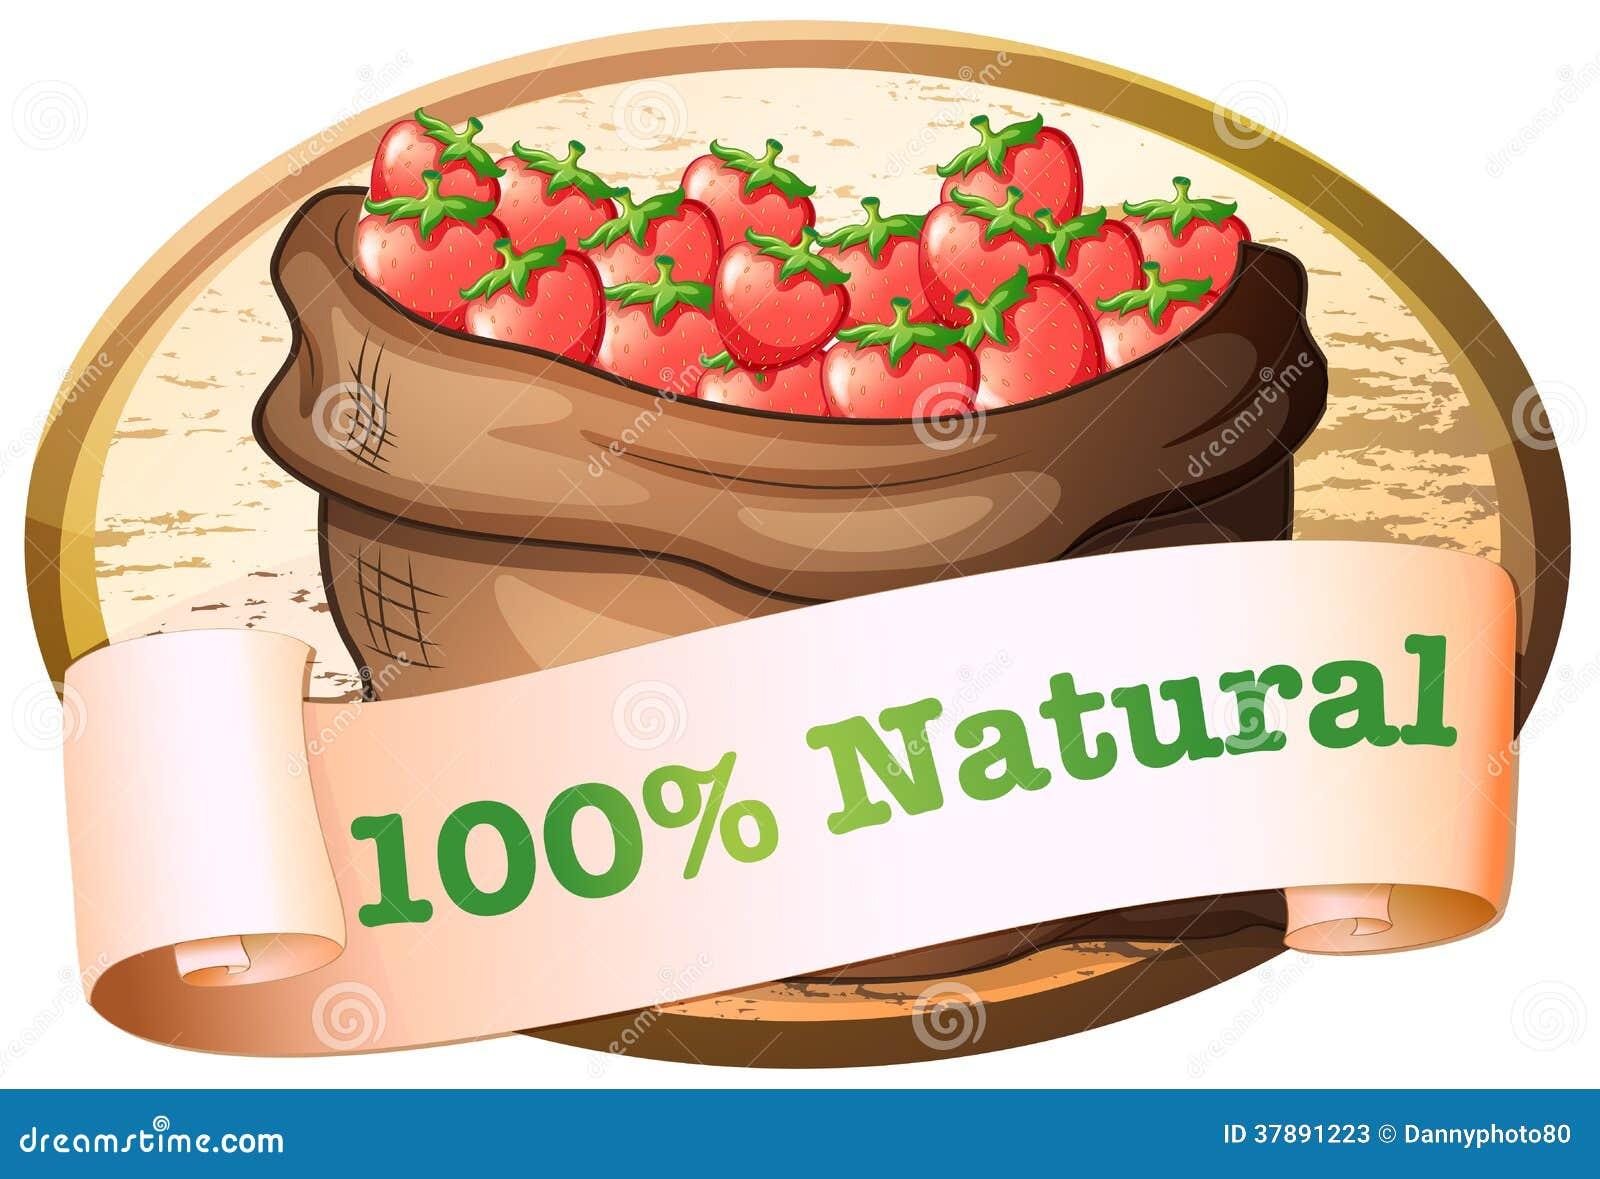 Een zak van aardbeien met een natuurlijk etiket